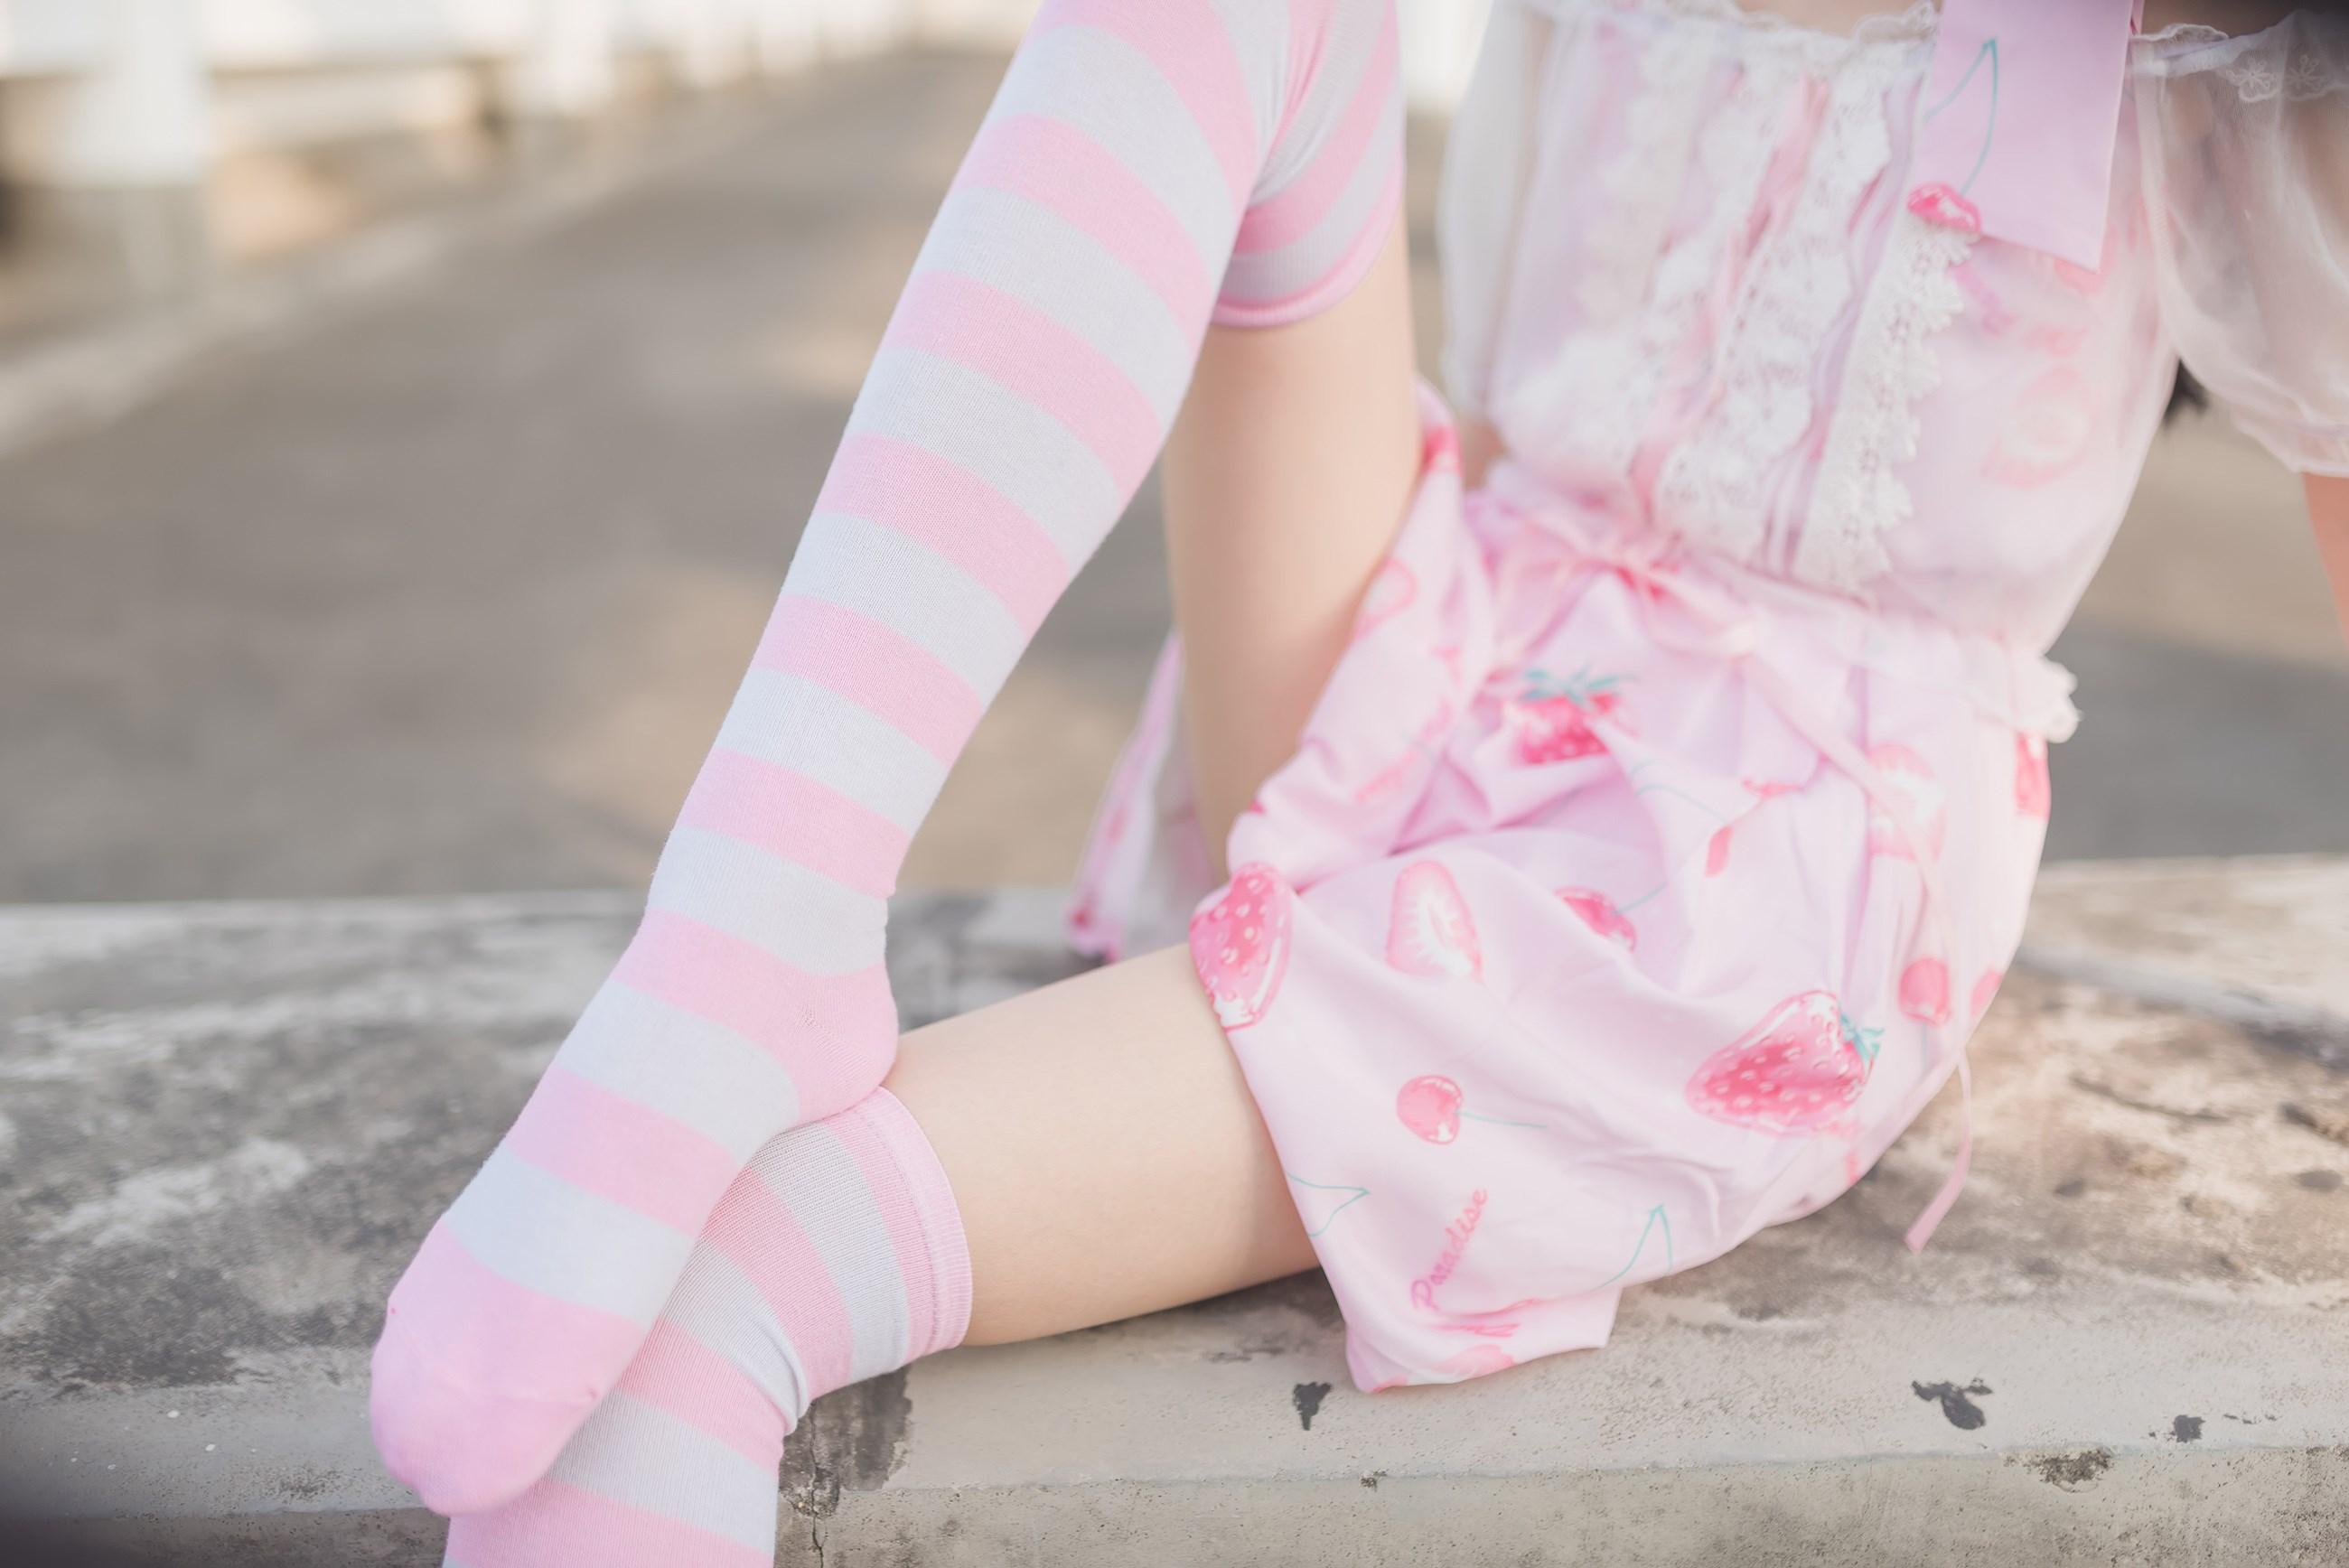 【兔玩映画】粉白条纹 兔玩映画 第44张